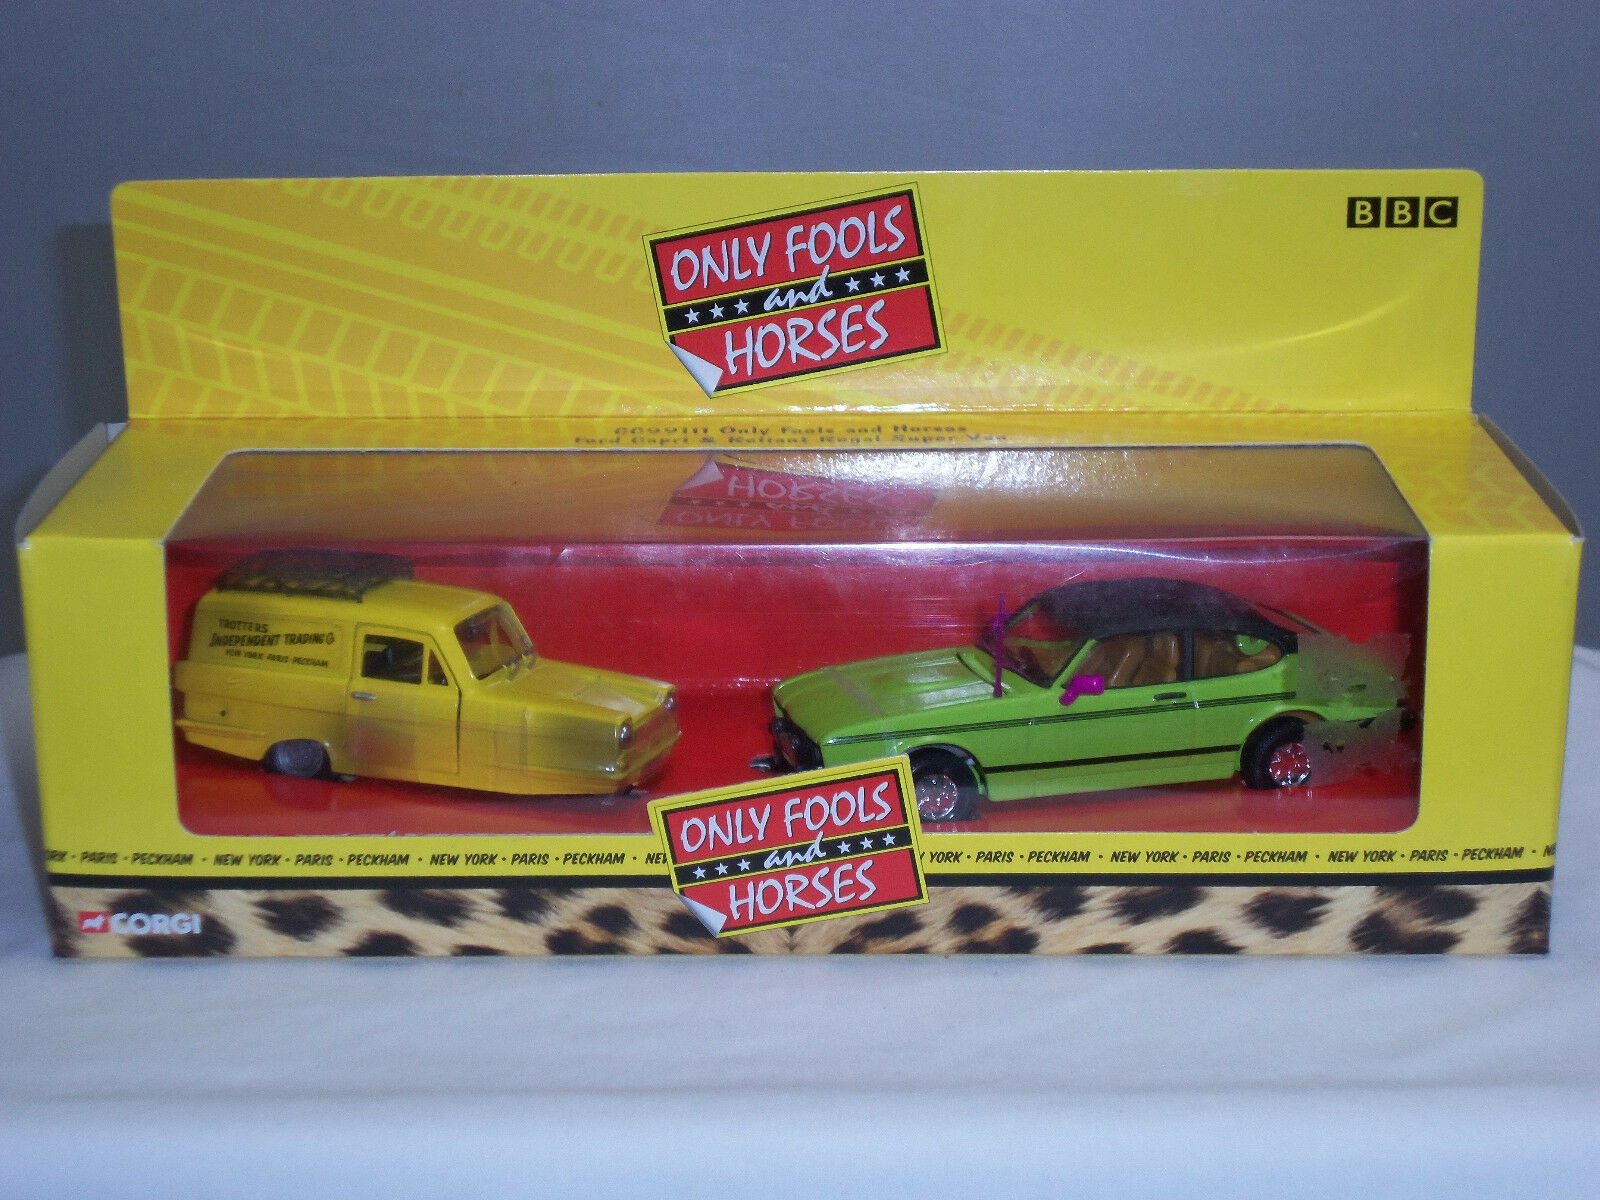 CORGI 99111 Only Fools and Horses Robin Reliant Regal Van + Vert Ford Capri